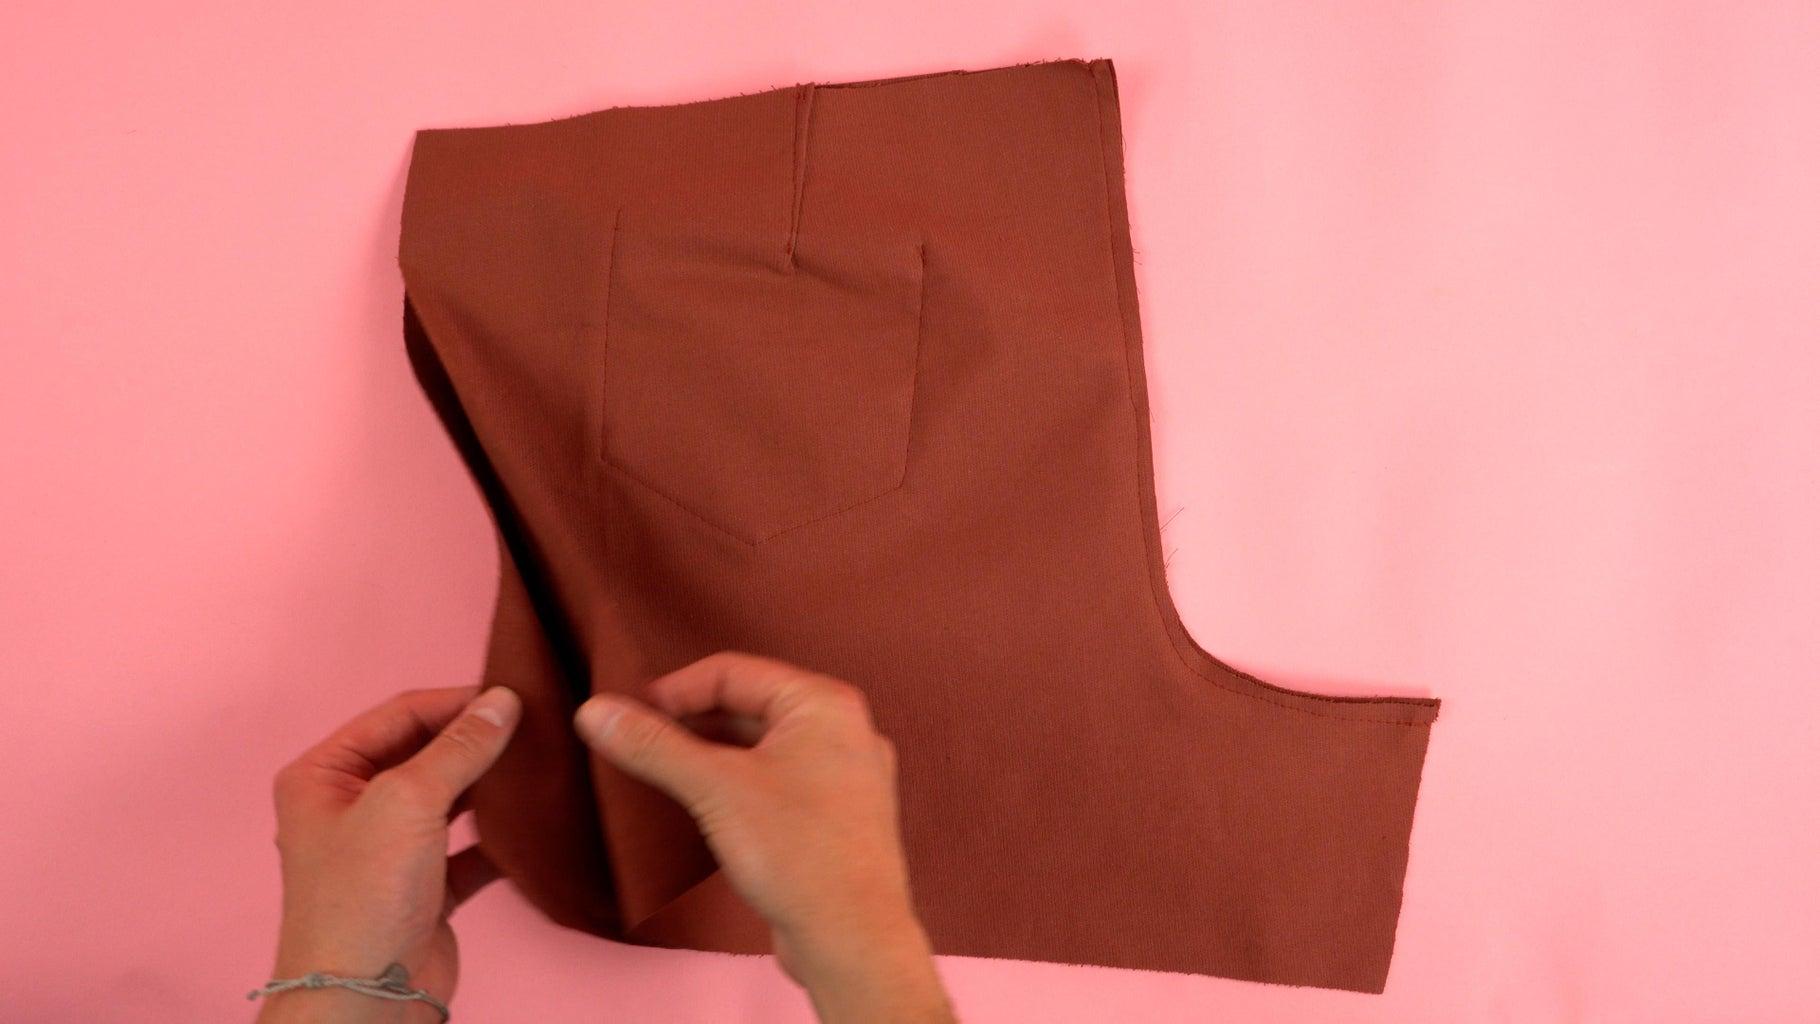 Assembling Back Pant Panels